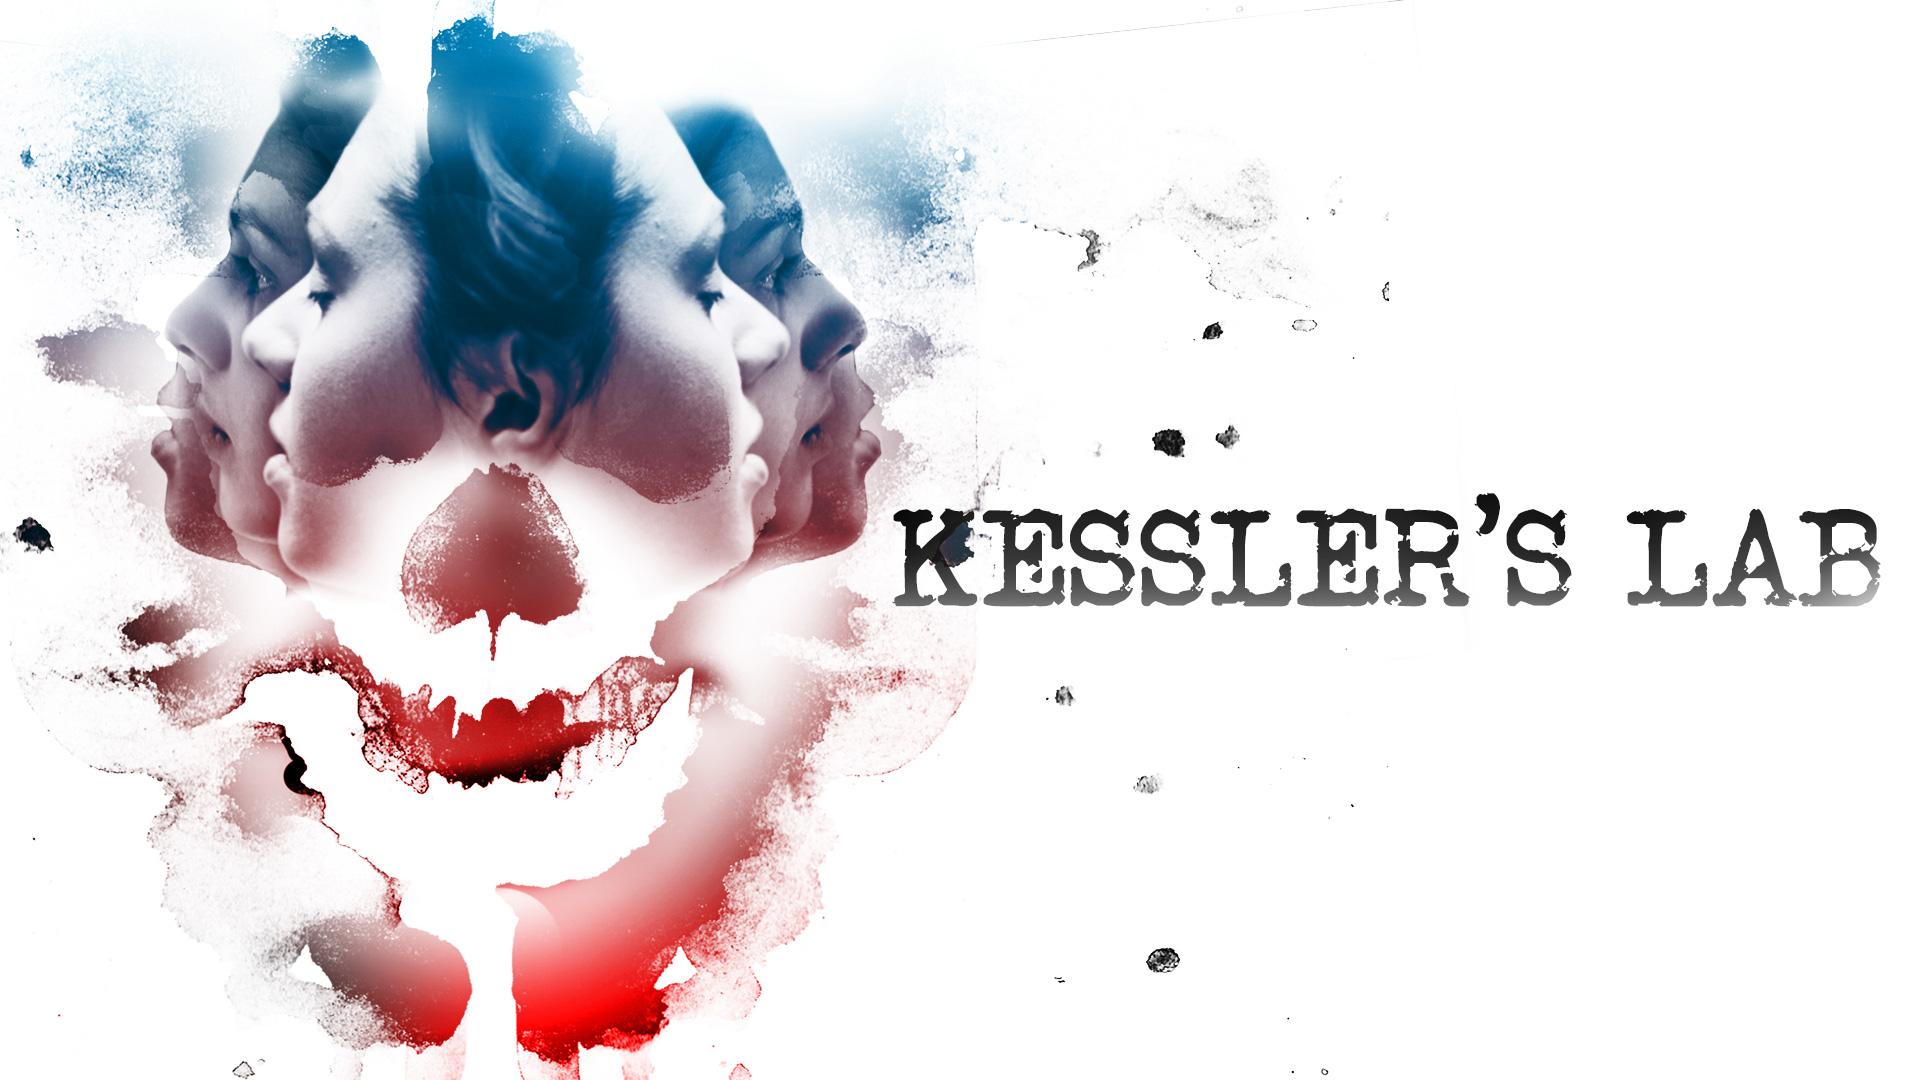 Kessler's Lab